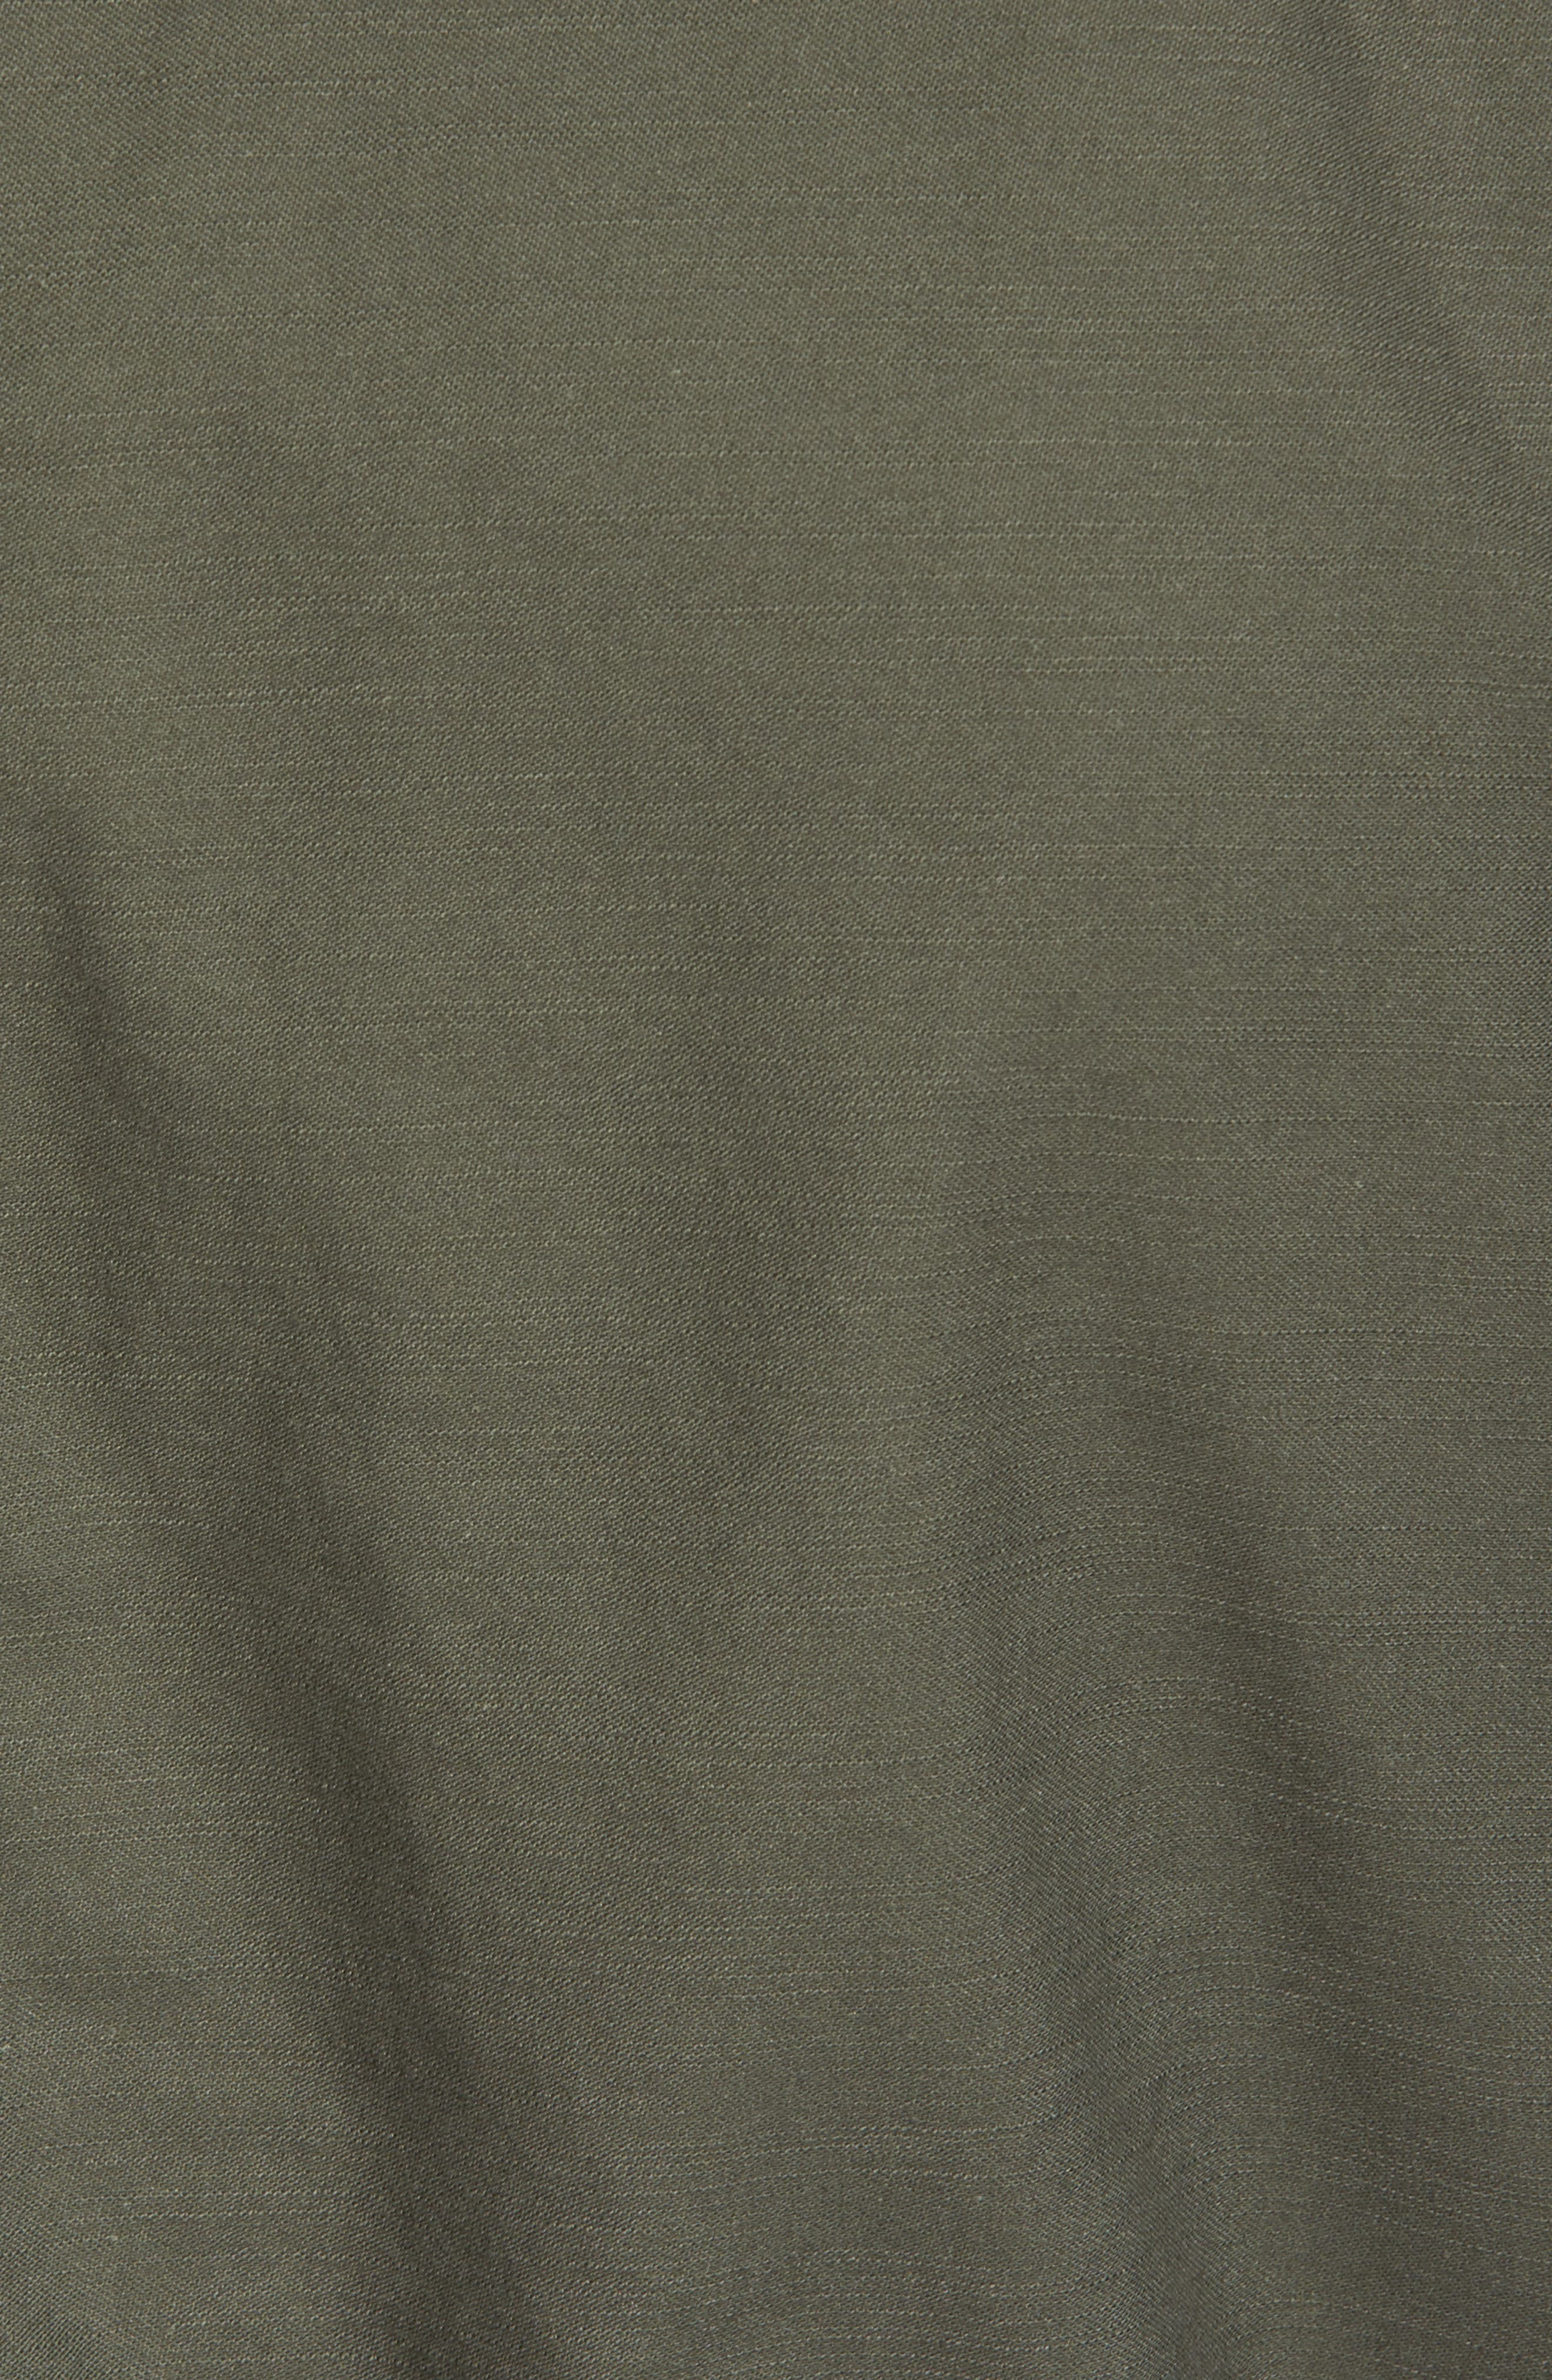 Recruit Fishtail Jacket,                             Alternate thumbnail 5, color,                             M-65 Olive